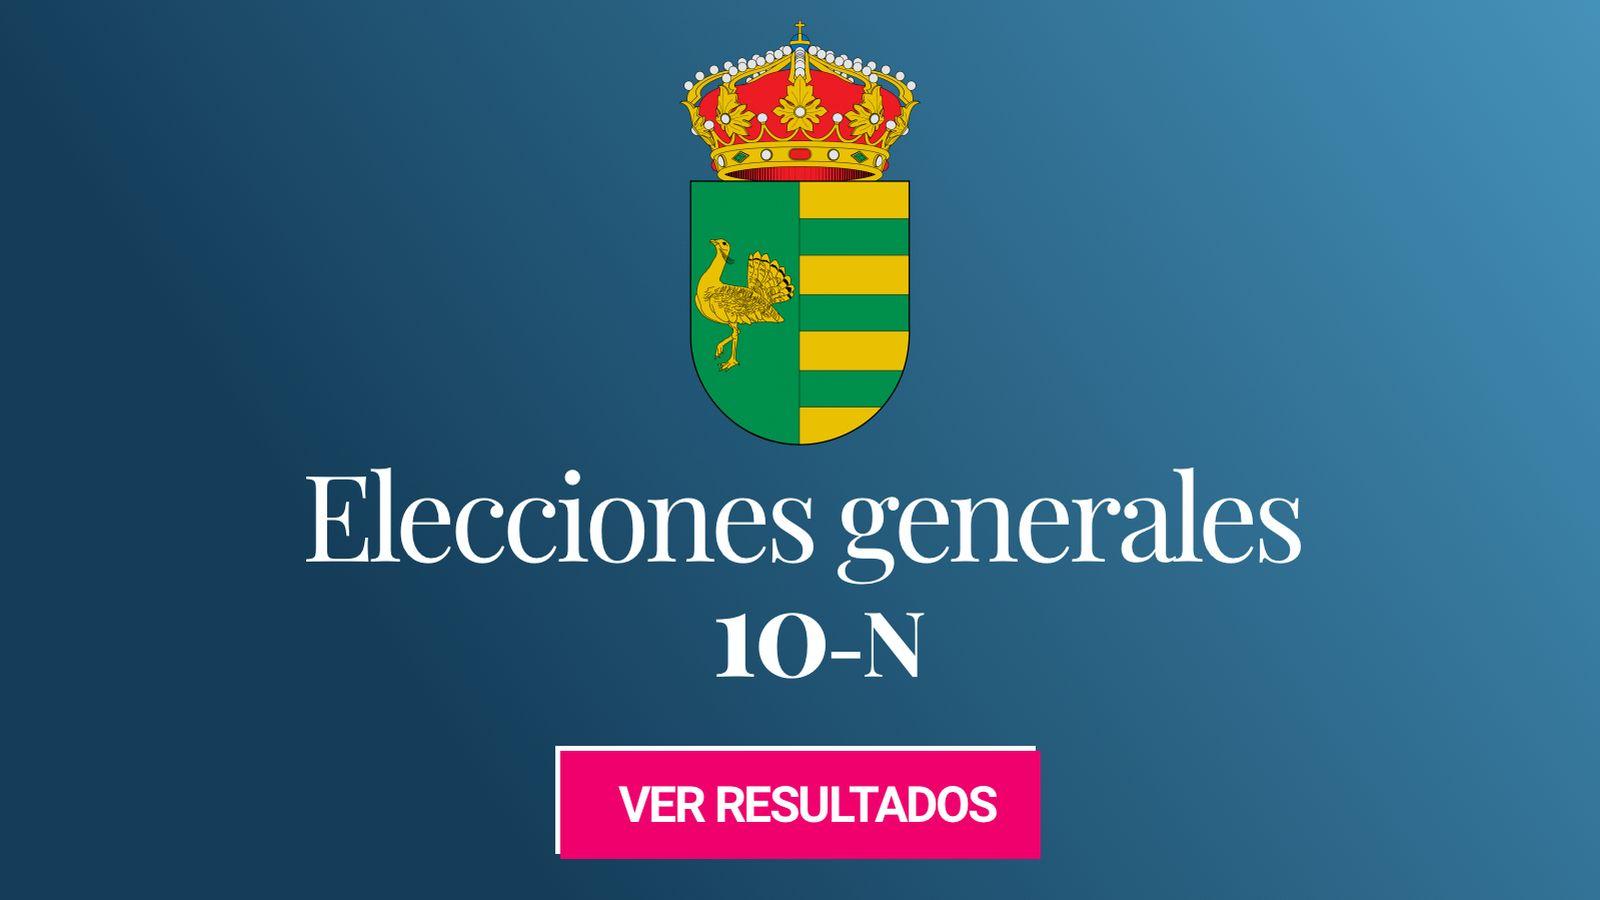 Foto: Elecciones generales 2019 en Parla. (C.C./EC)